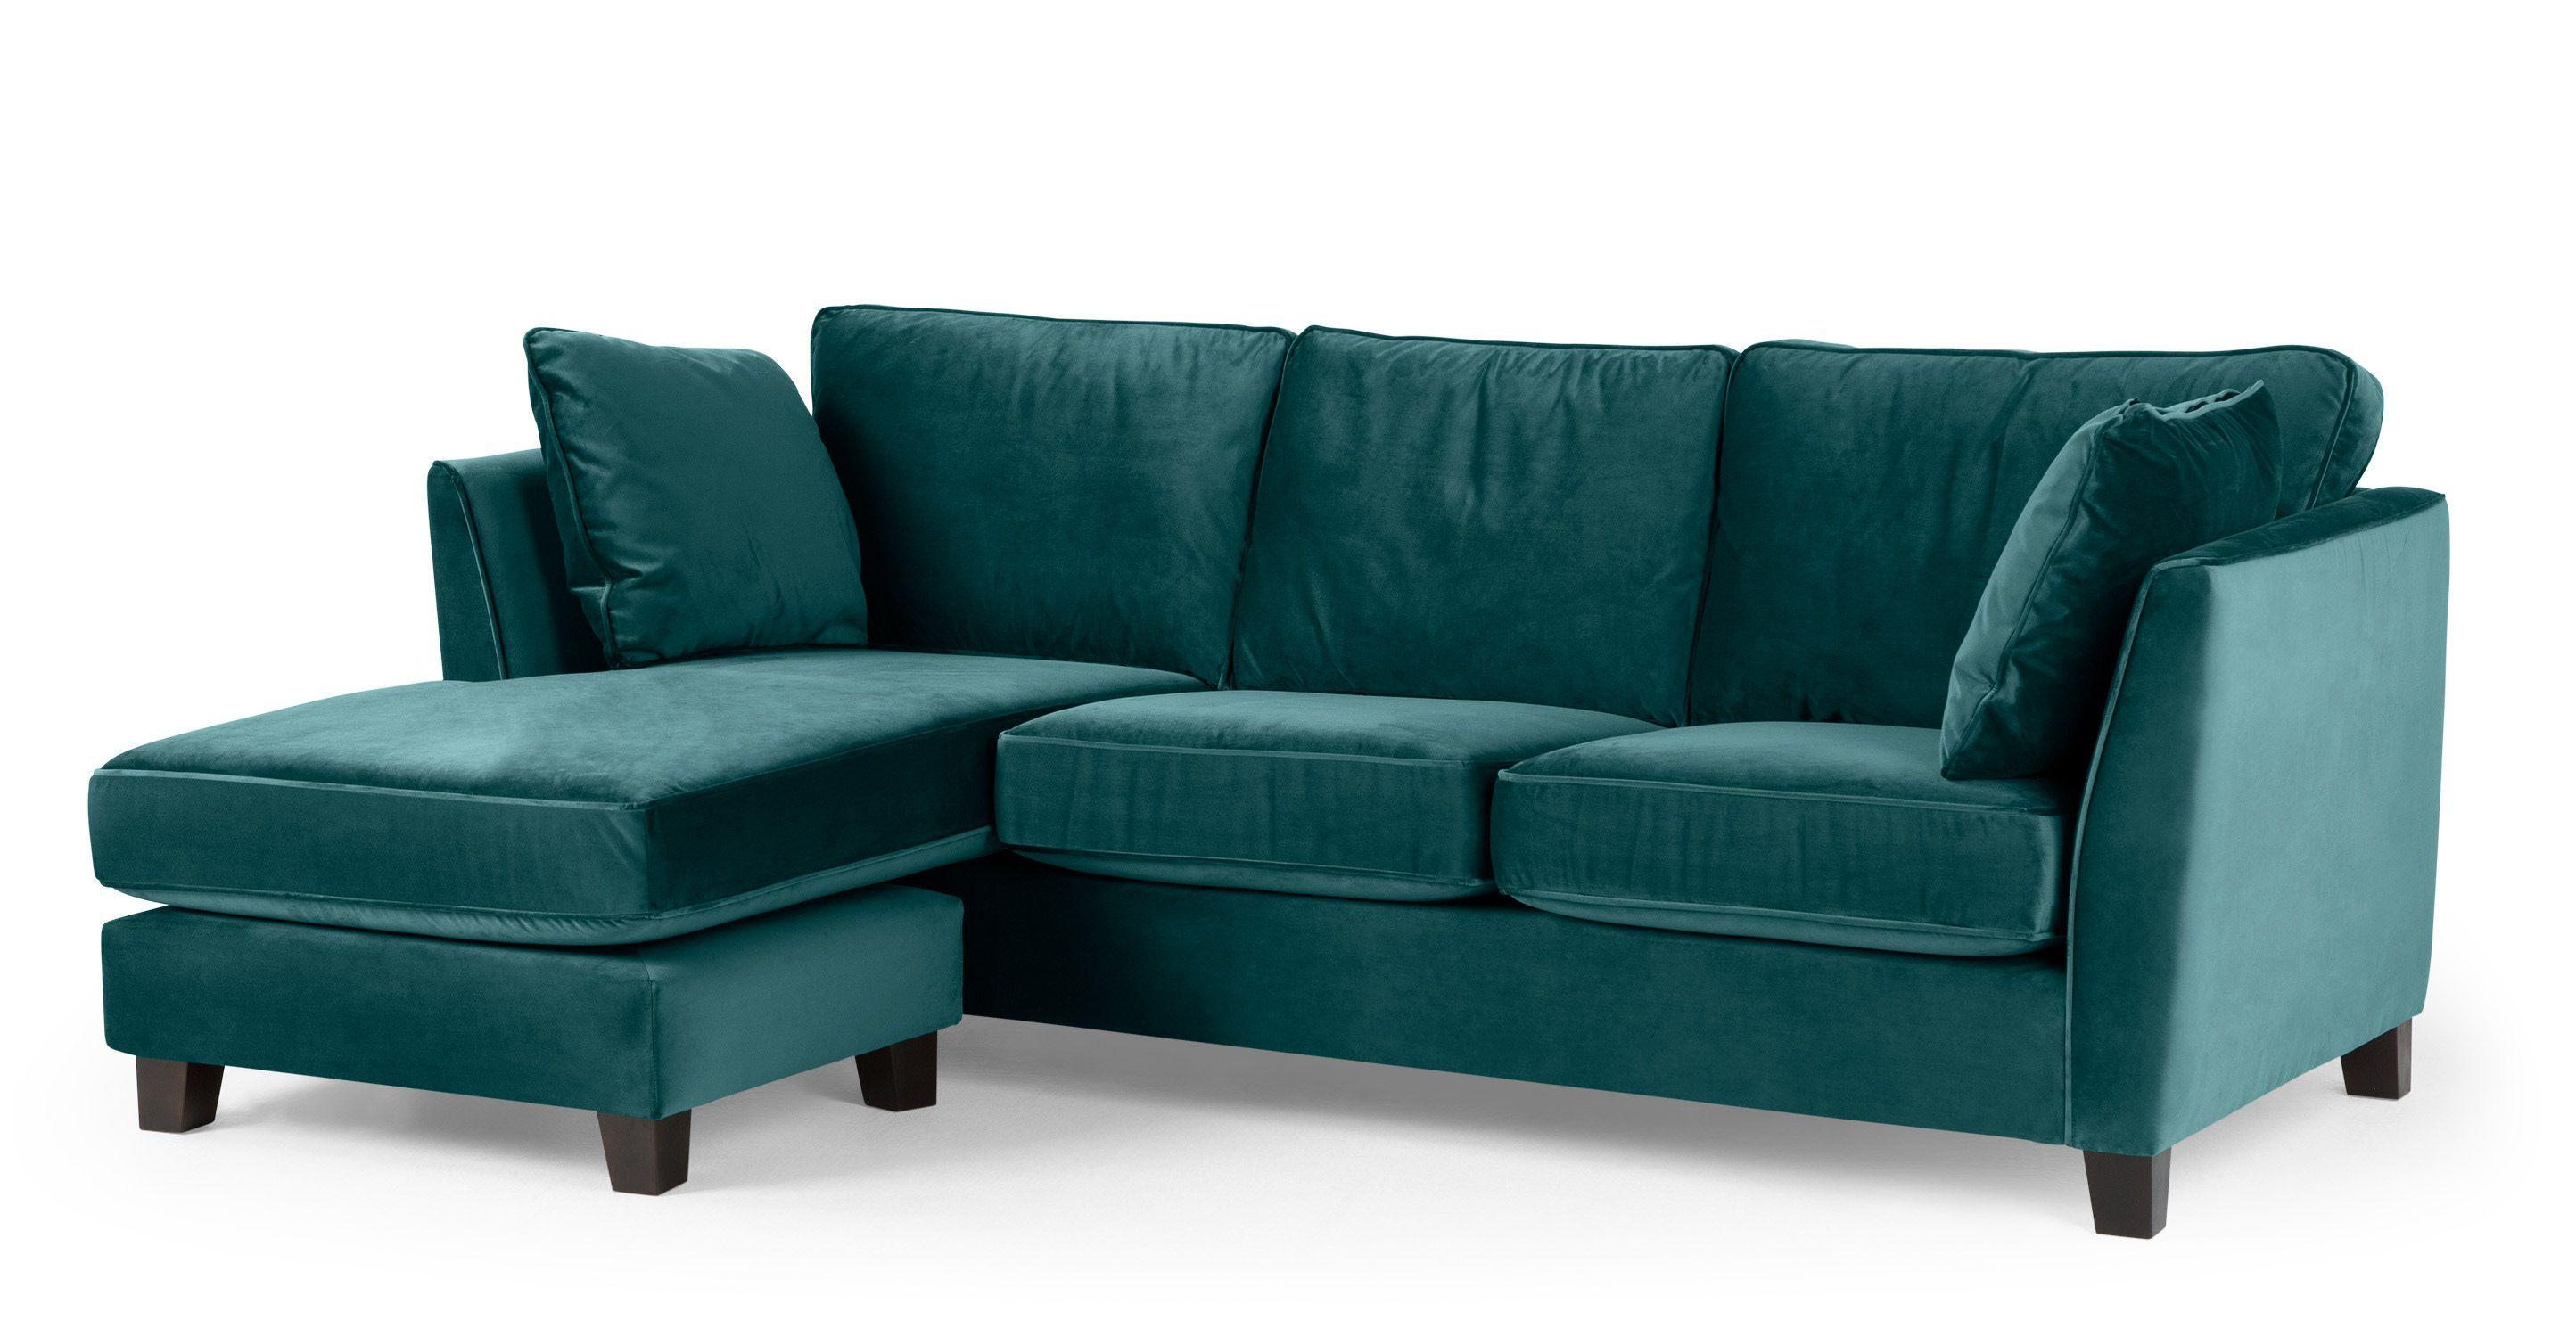 Trend Ecksofas Wolseley Ecksofa Recamiere Flexibel Samt In Pfauenblau Made Com Made Com Polyes Sofa Bed Green Corner Sofa Sofa Inspiration